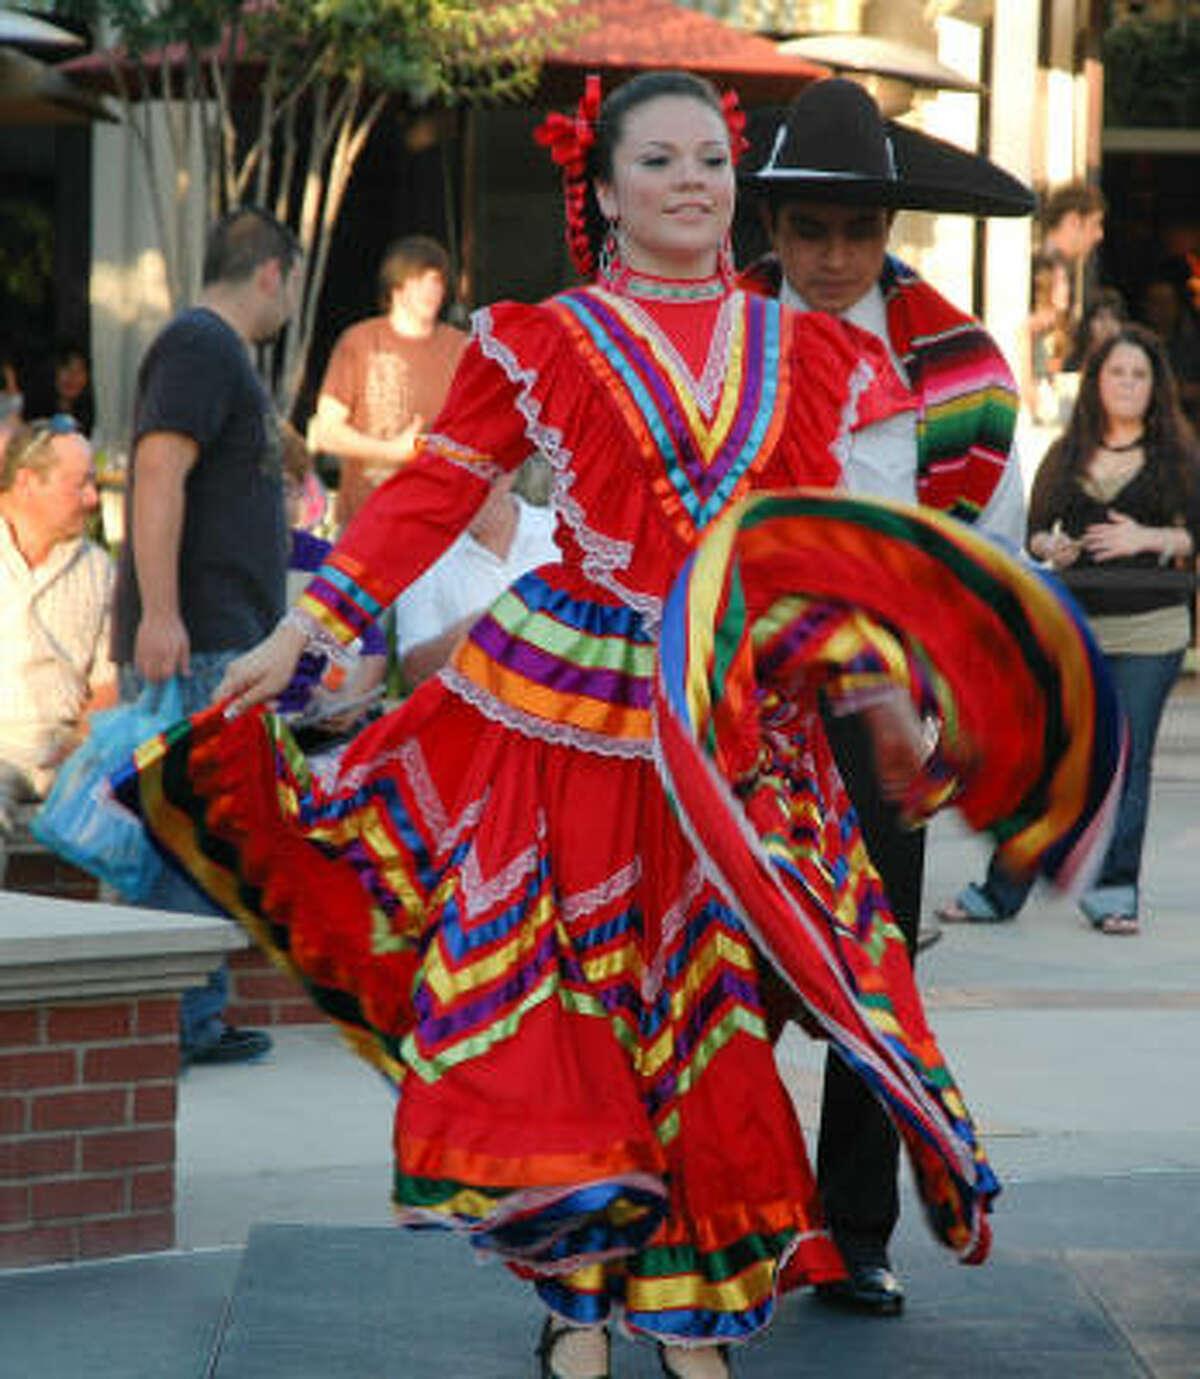 Atuendo típico mexicano en la Fiesta del Cinco de Mayo de la Cámara Hispana de Montgomery.